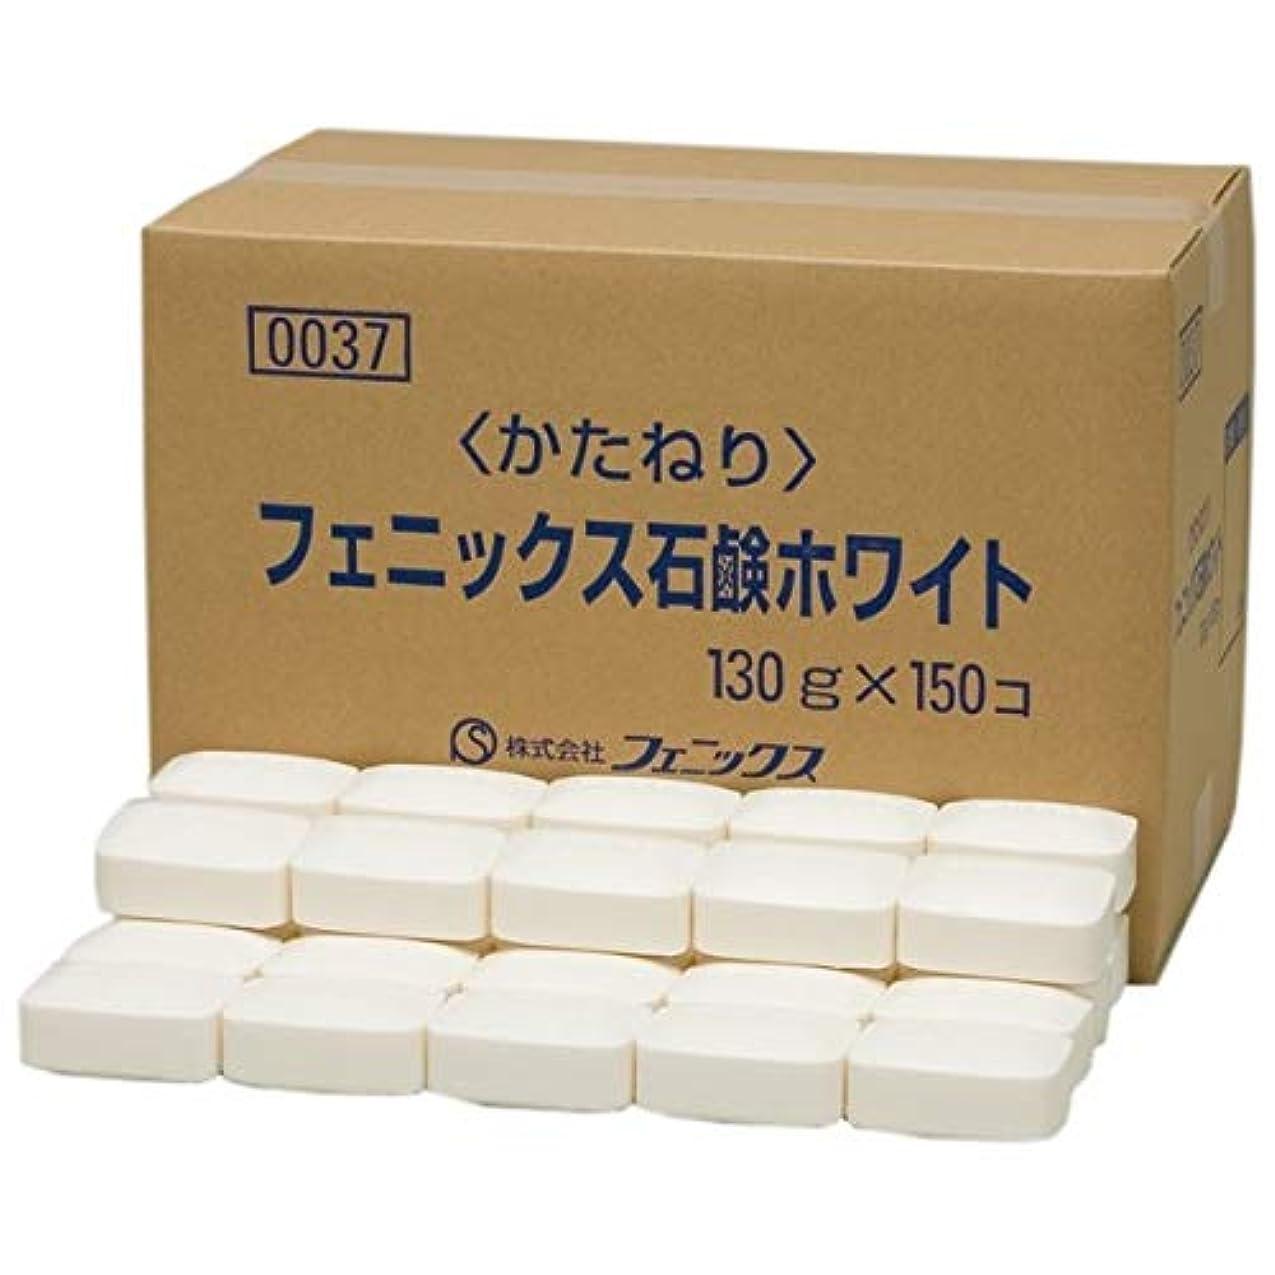 びっくり残酷なマトロンフェニックスホワイト石鹸 130g×150個入